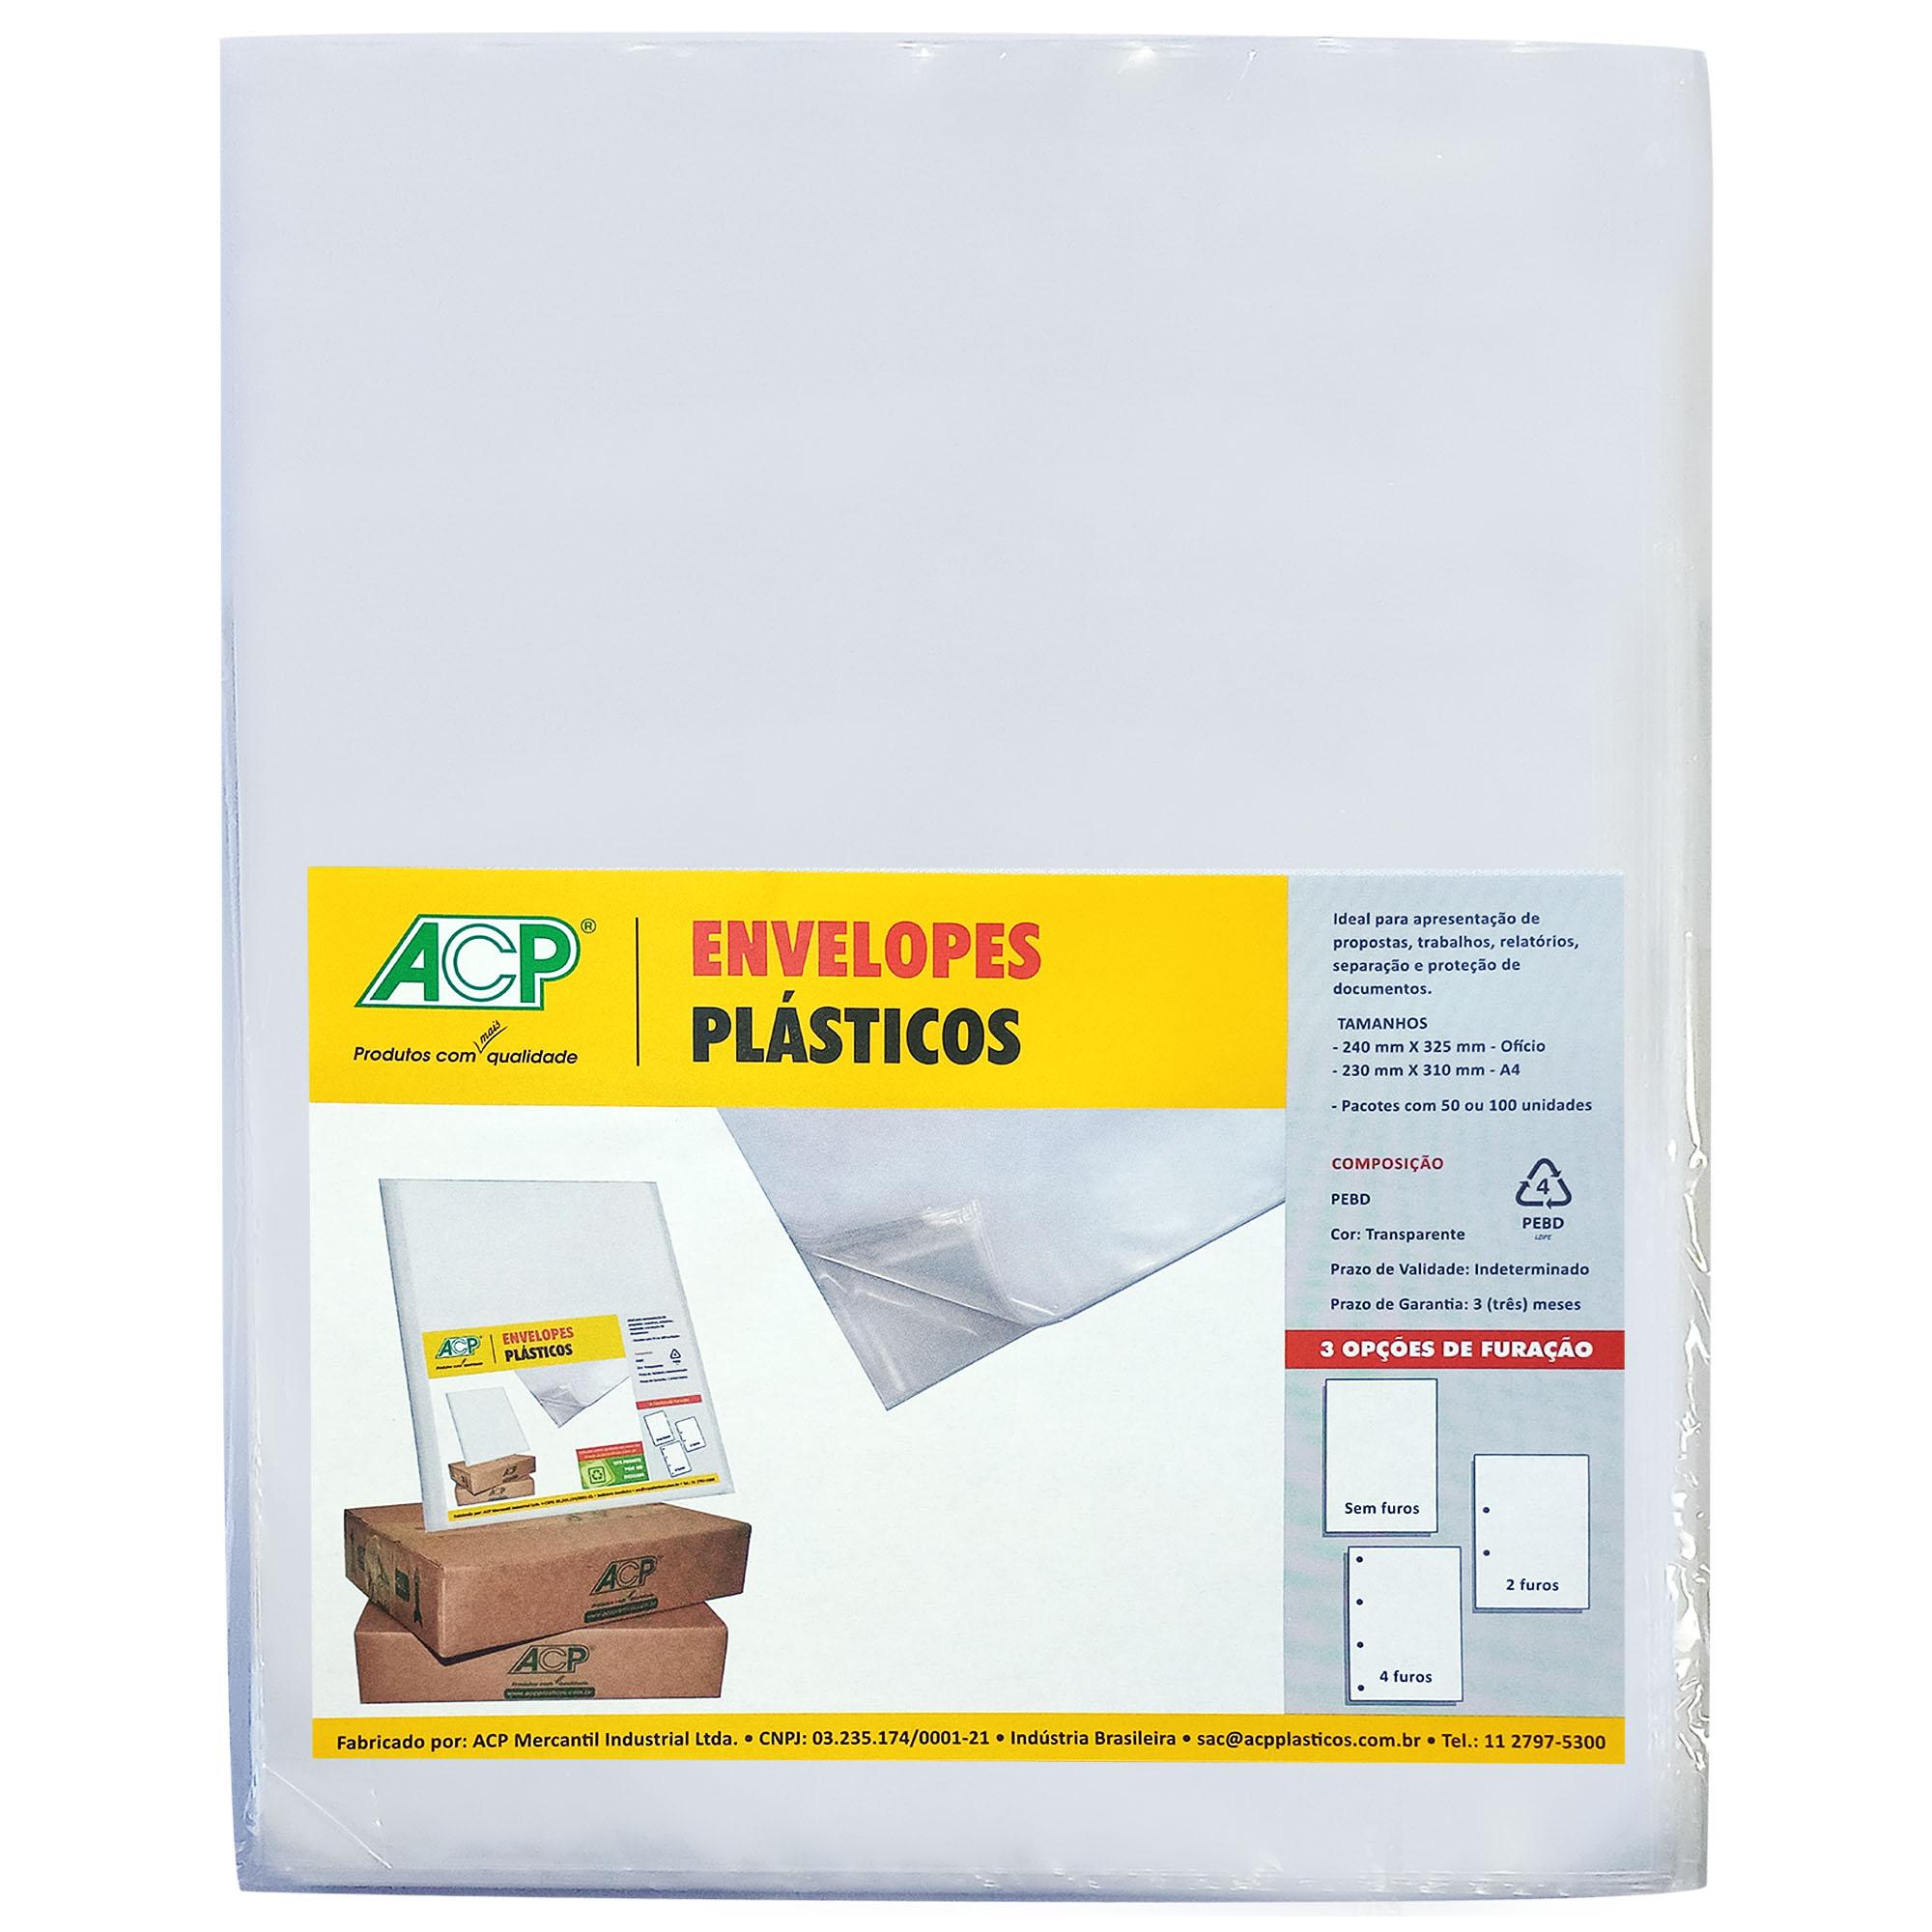 Envelope Saco Plastico tamanho A4 sem furos 0,12mm pct c/ 100 un - Acp